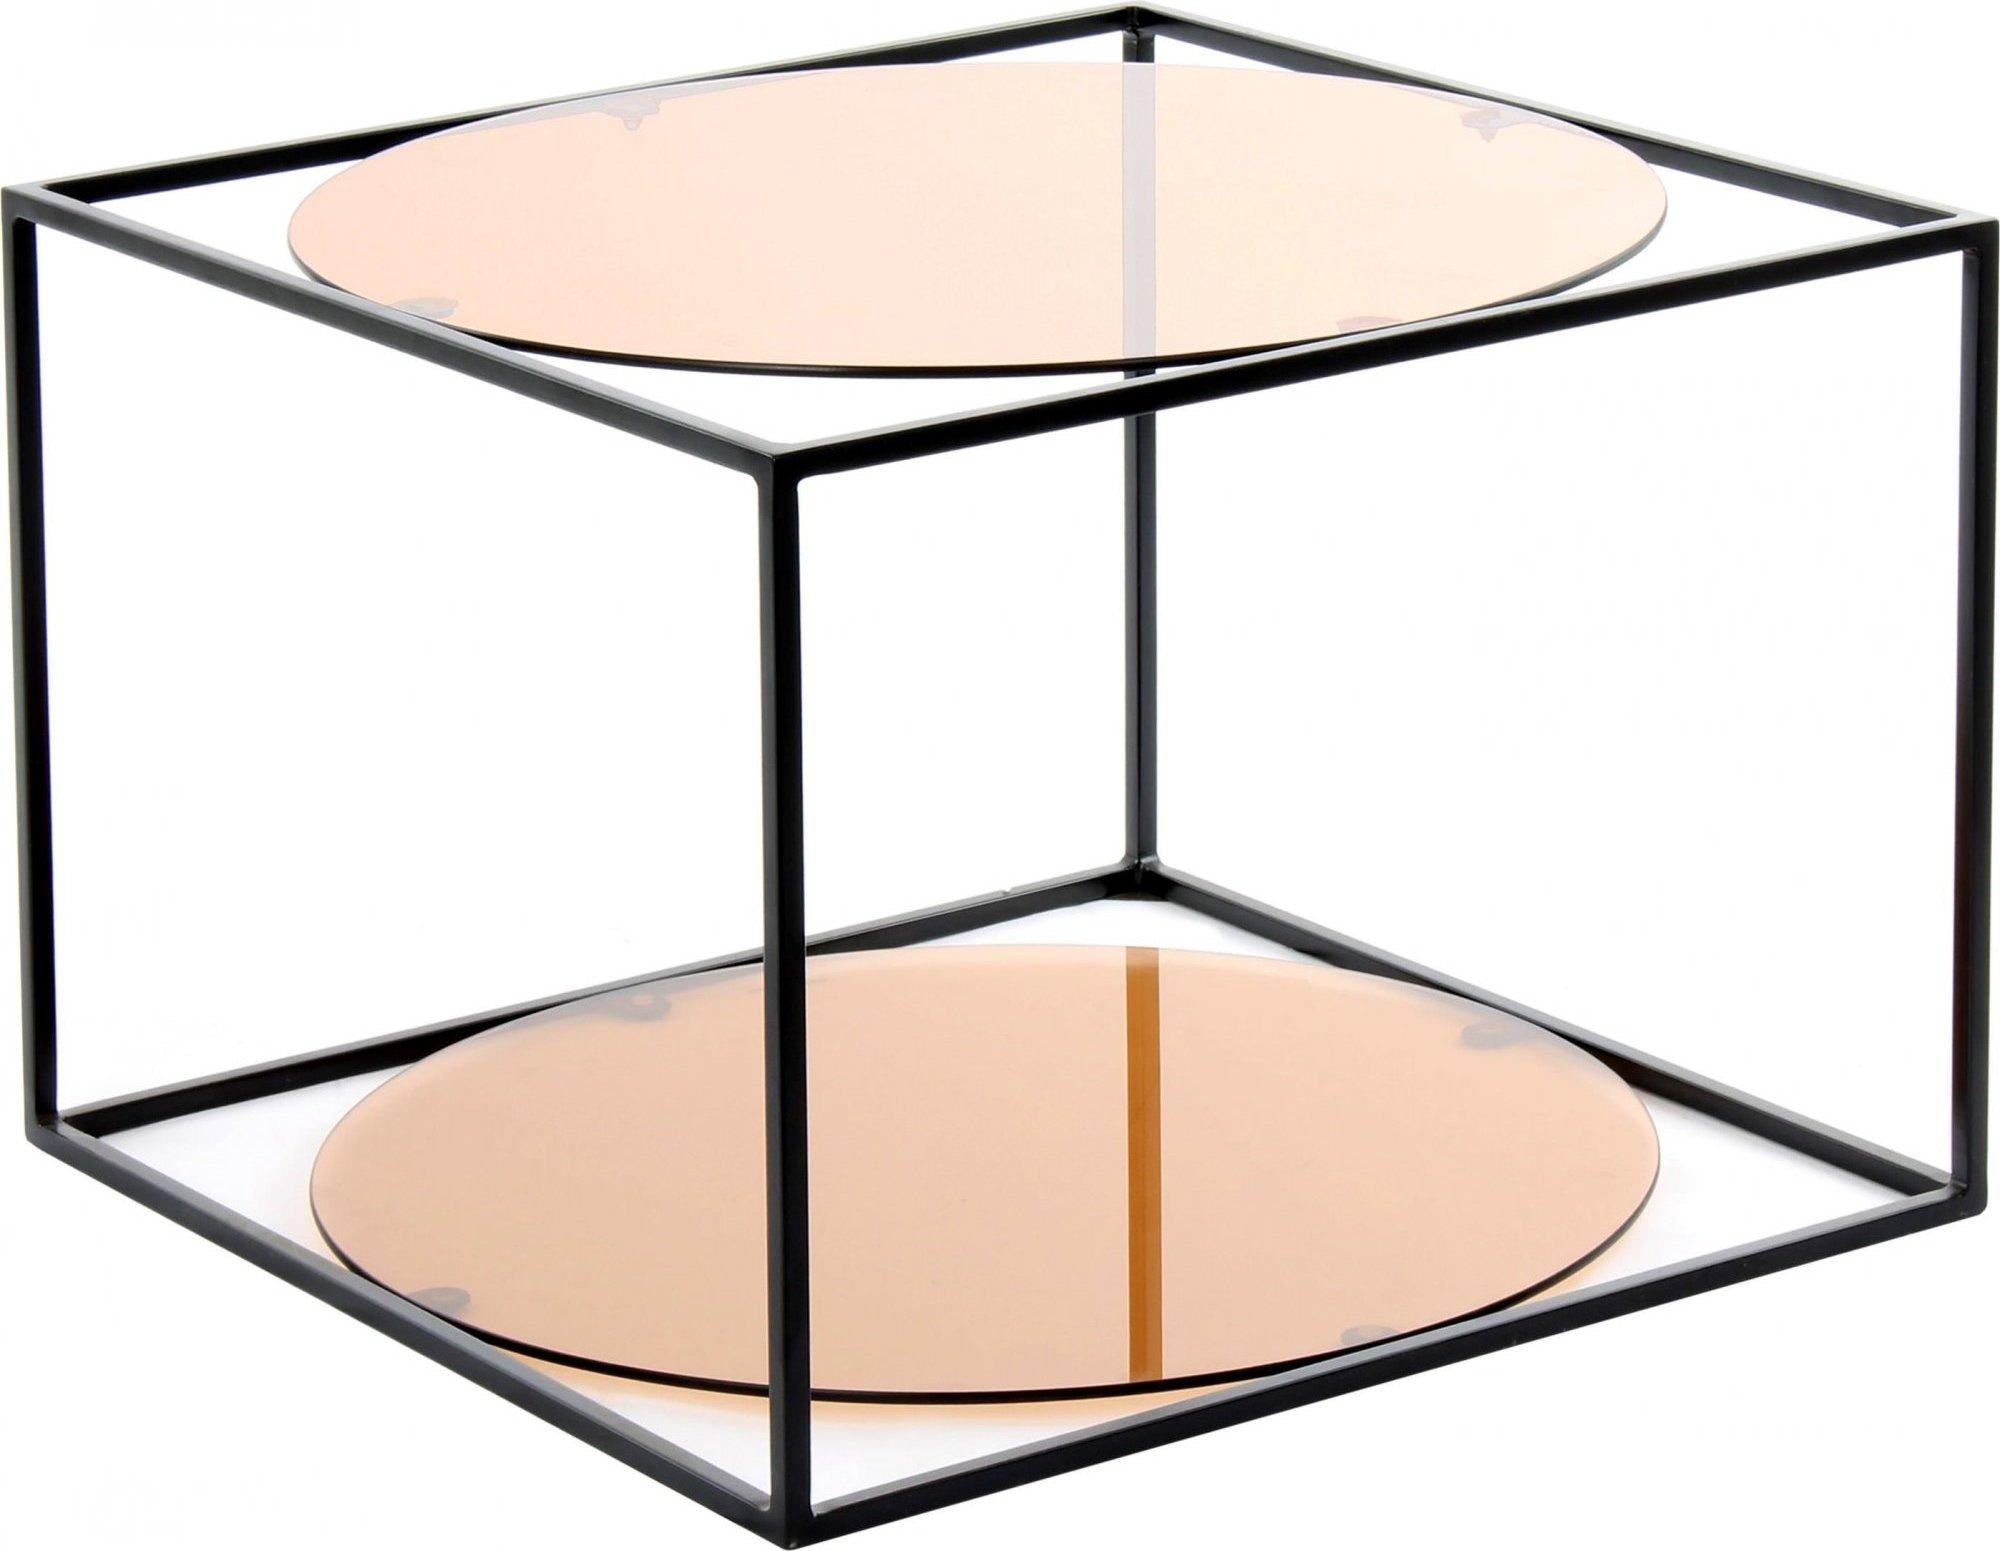 Table basse rectangulaire plateau verre fumé l50cm